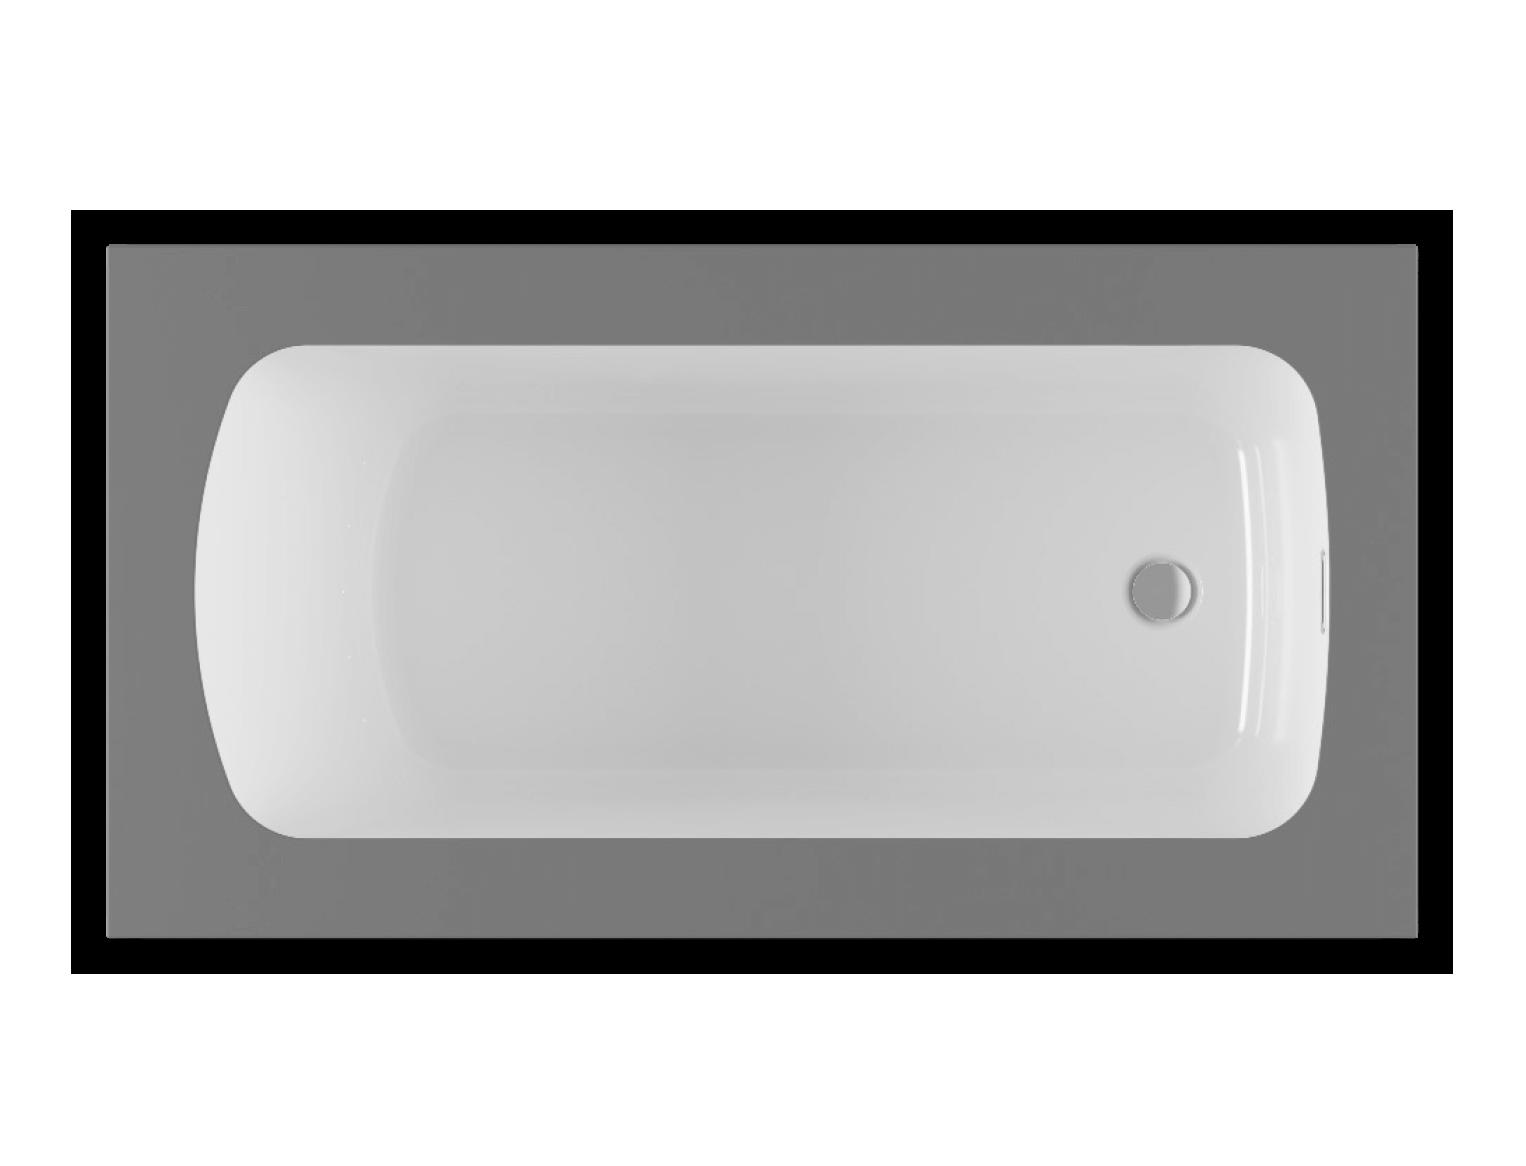 Monarch 6032 air jet bathtub for your modern bathroom